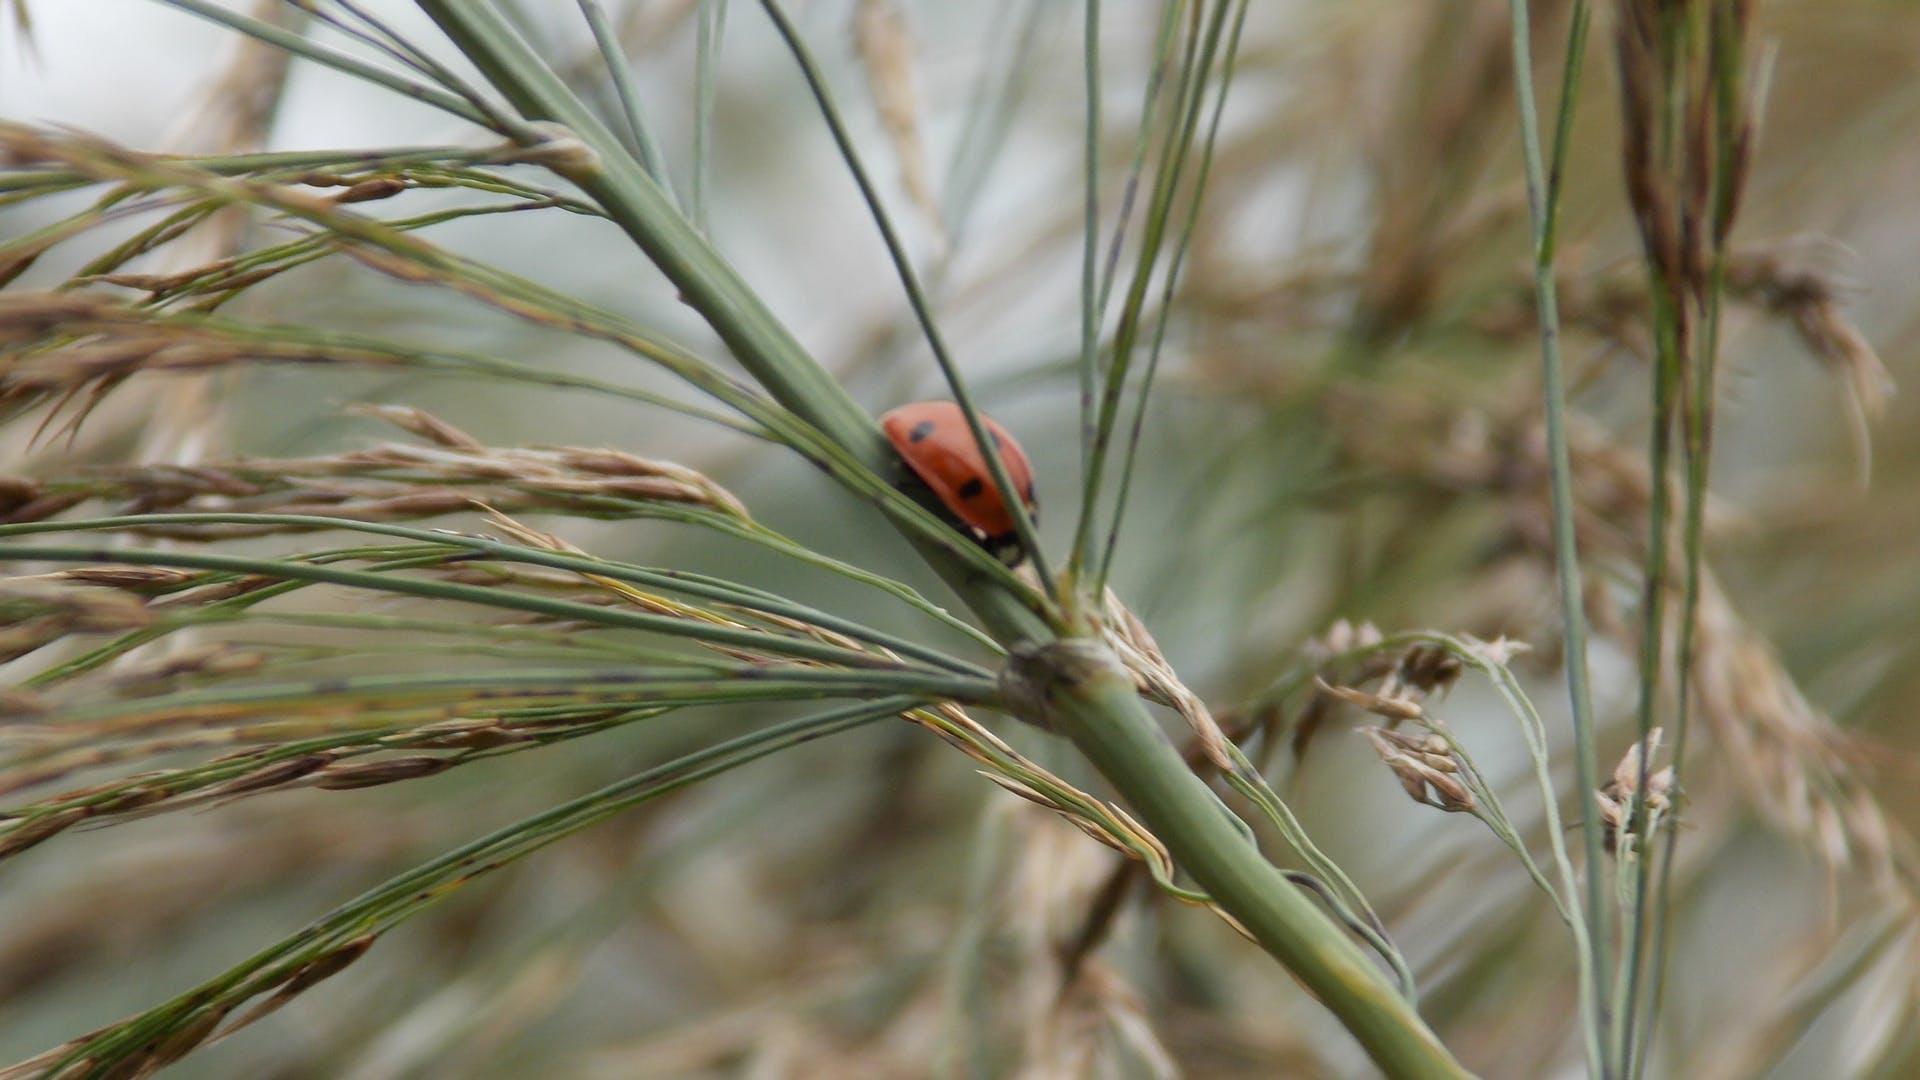 Free stock photo of ladybug